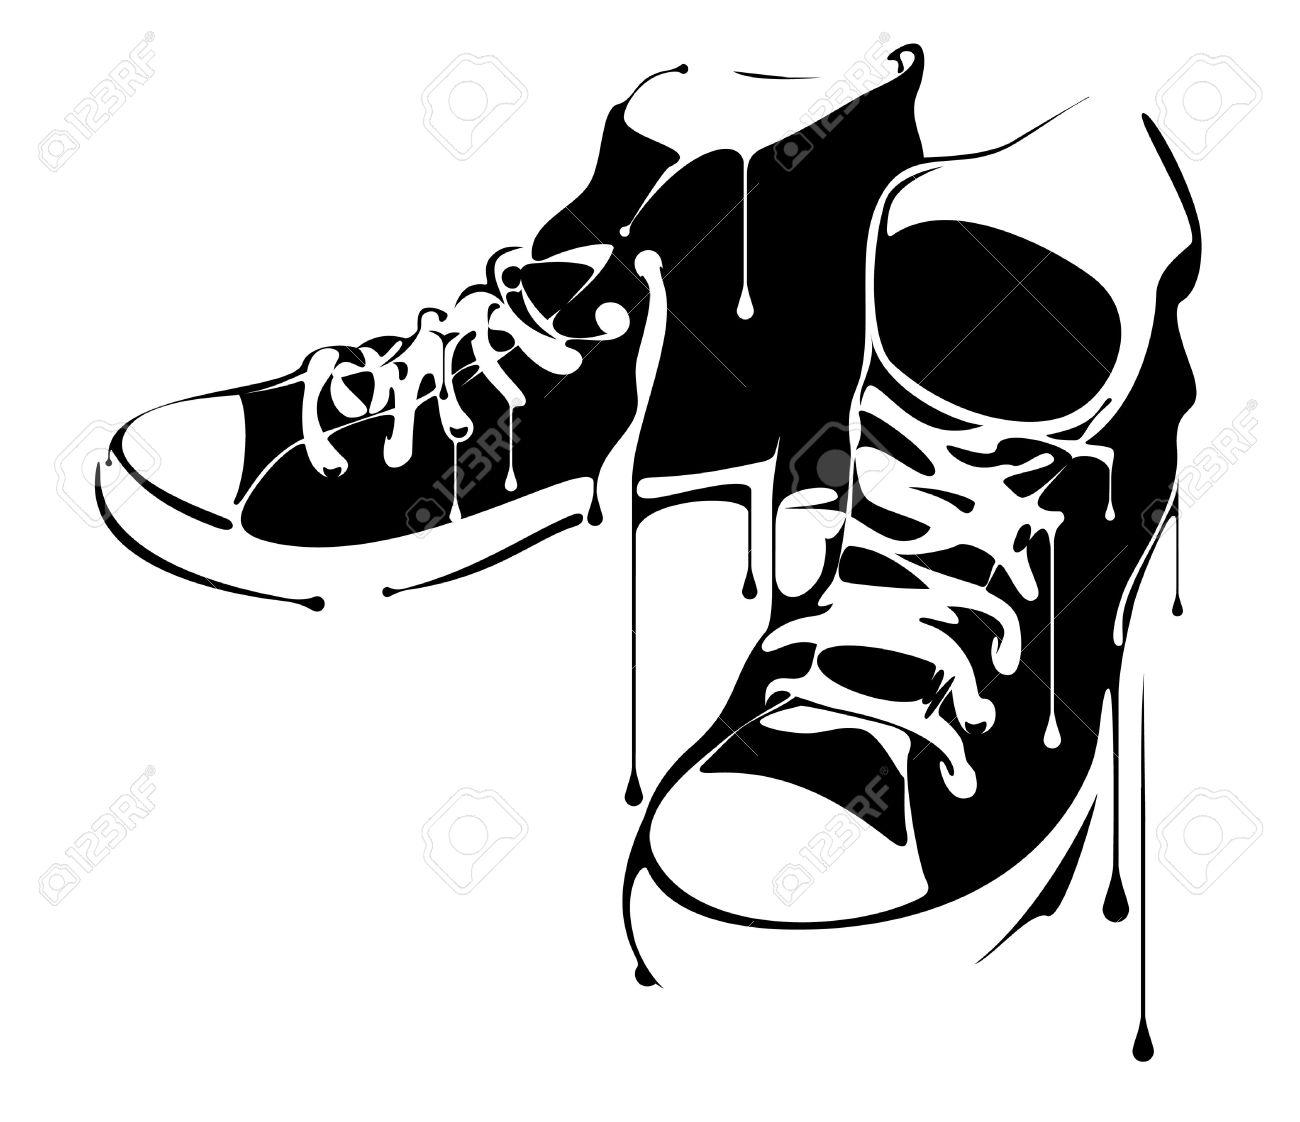 Hip hop shoes clipart.